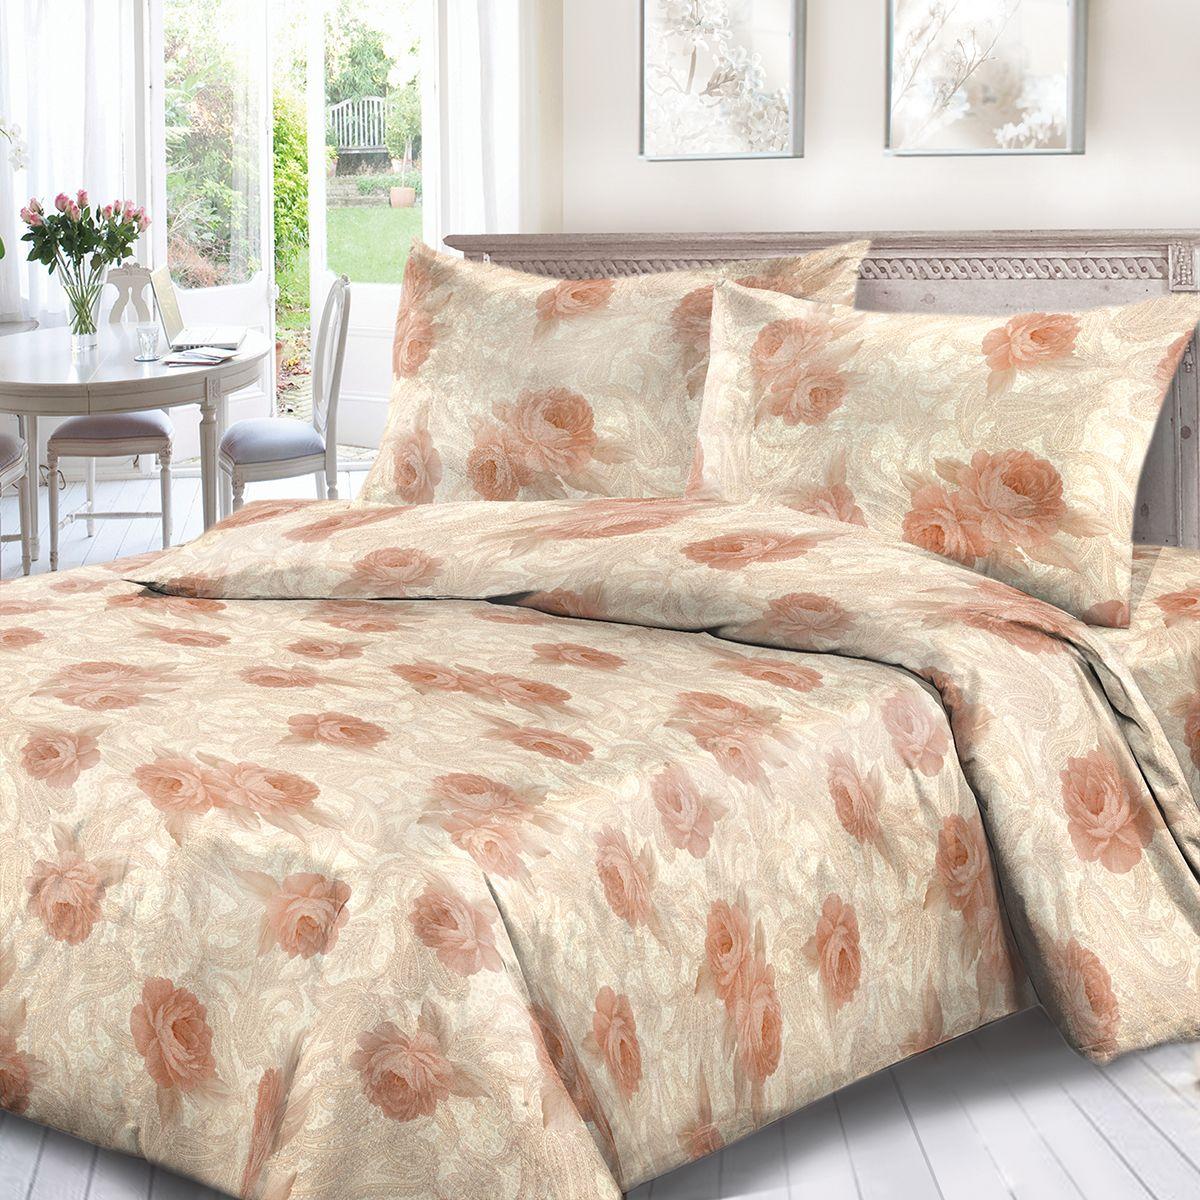 Комплект белья Сорренто Ажур, 1,5 спальное, наволочки 70x70, цвет: бежевый. 1664-189082